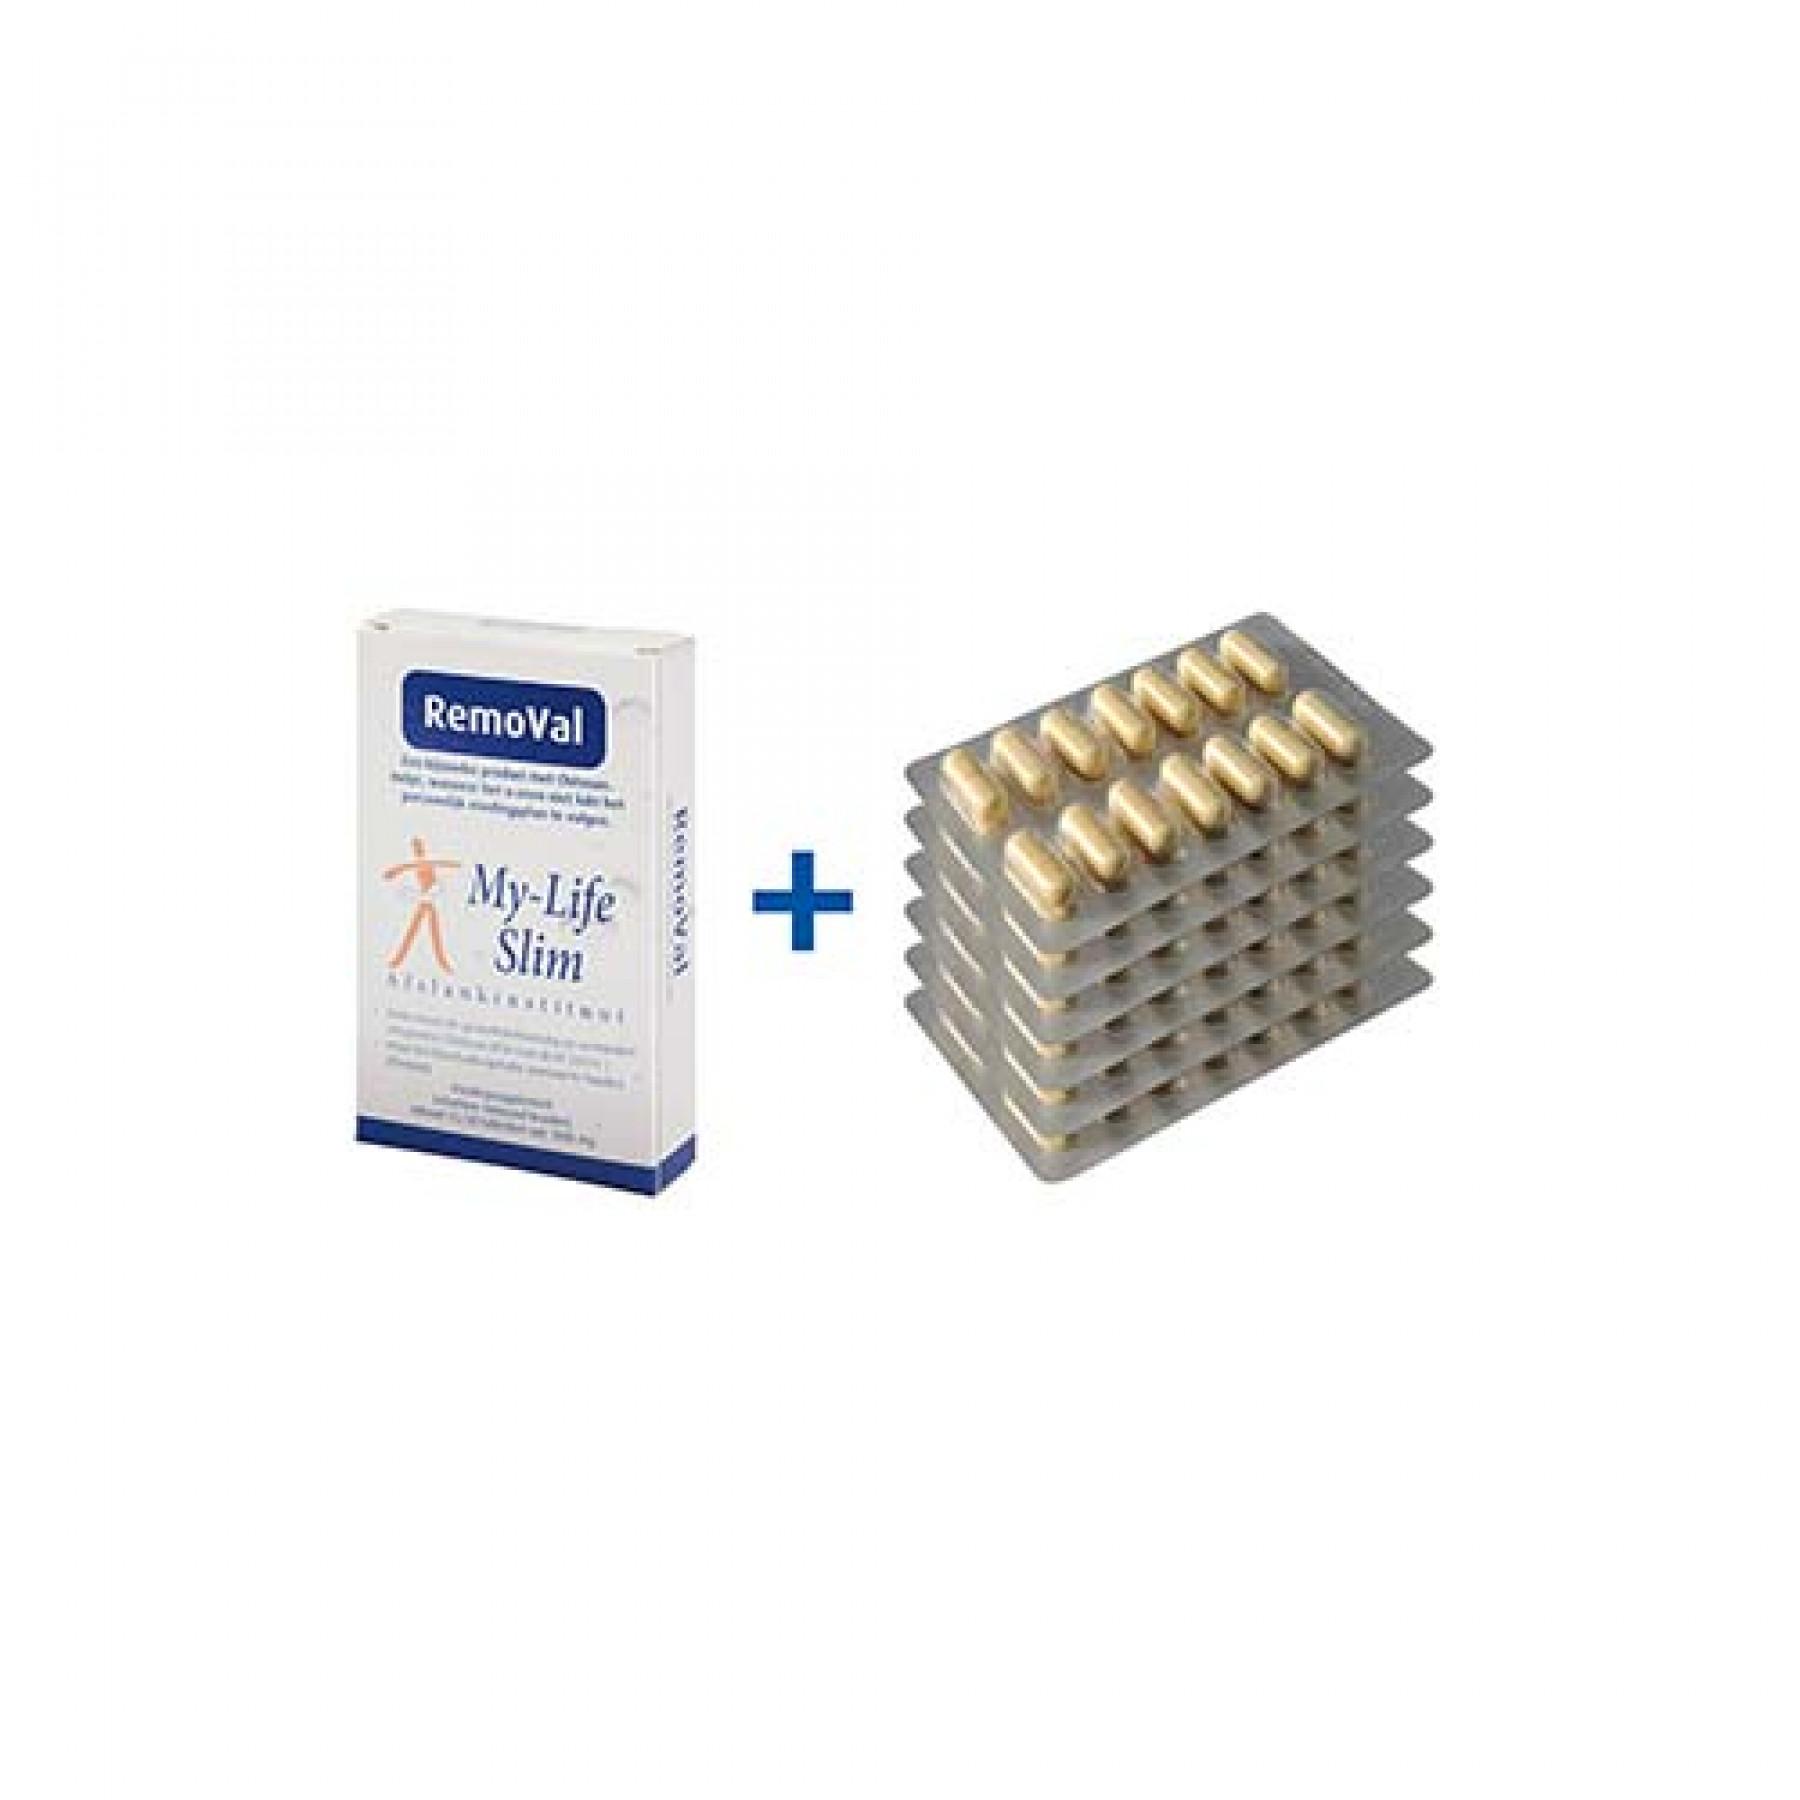 Homeset Plus BMI 30 of hoger, 6 strips Restore voor 2 weken, 15 tabletten RemoVal (smokkelpil)